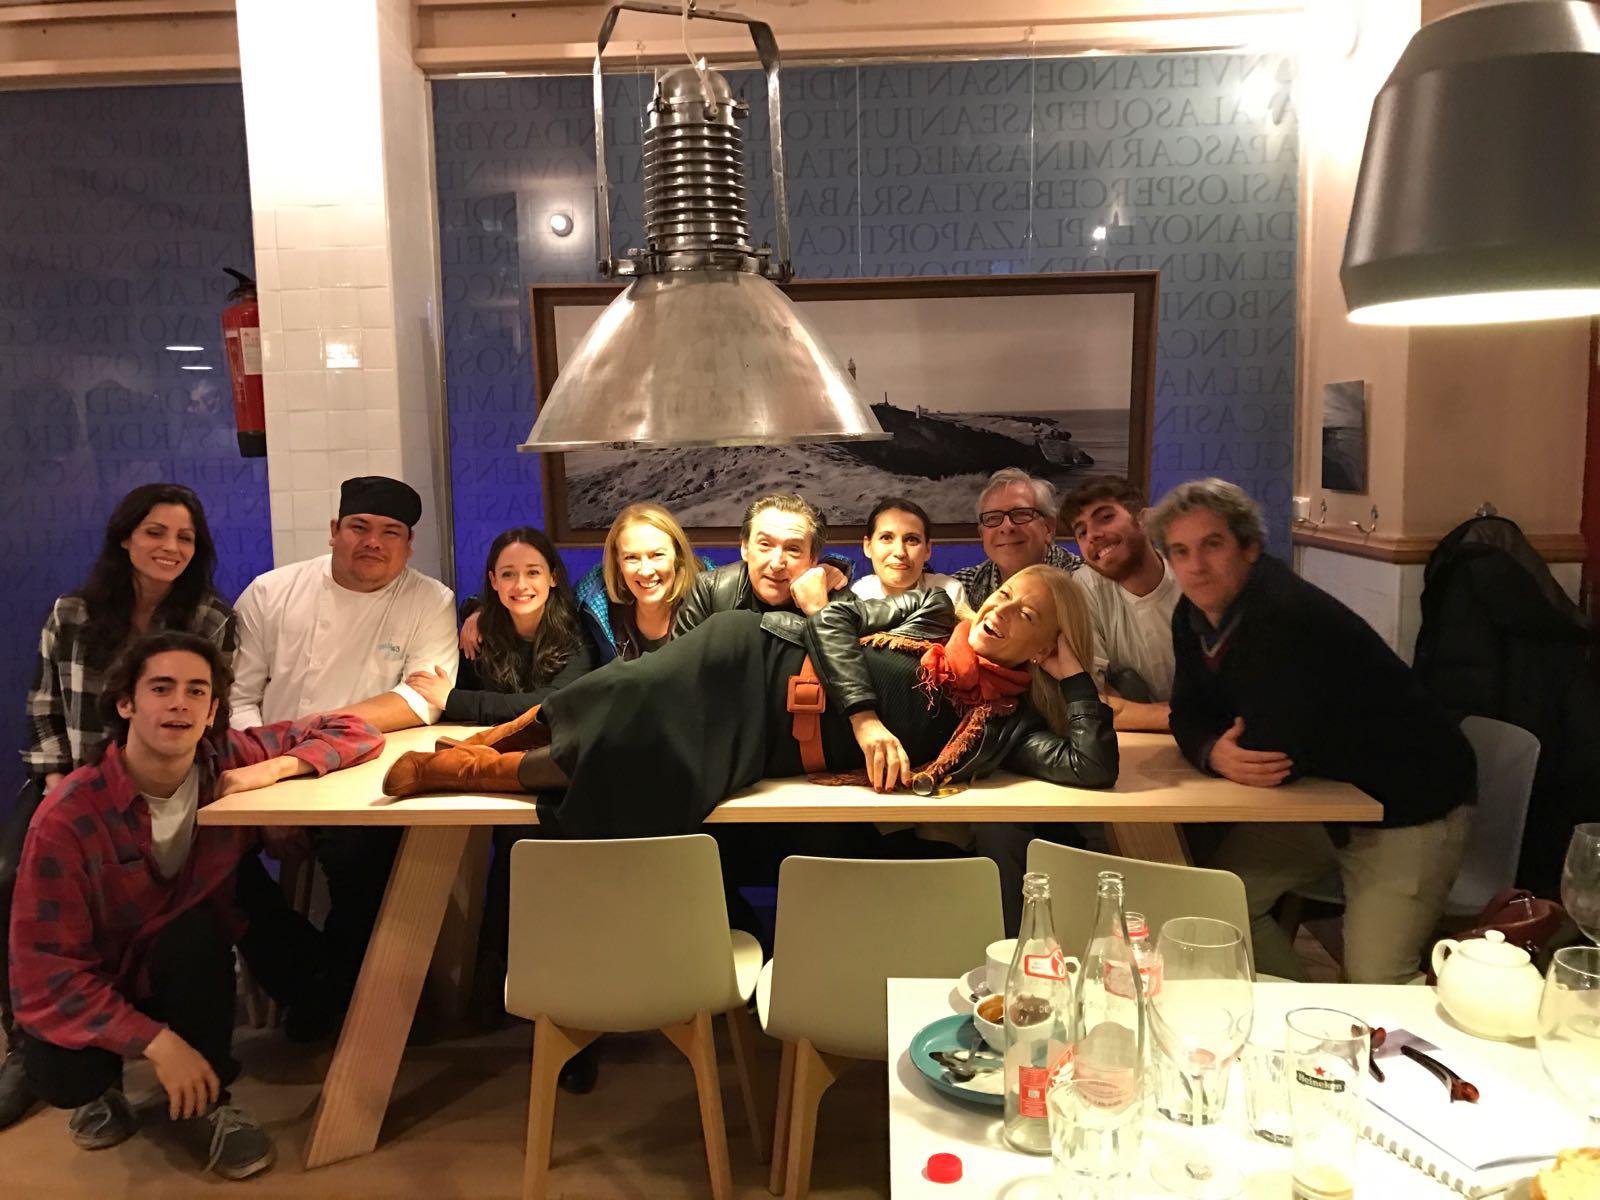 En el restaurante 'Costa 43' (Santander) con el equipo de 'La Verdad'. Foto cedida.